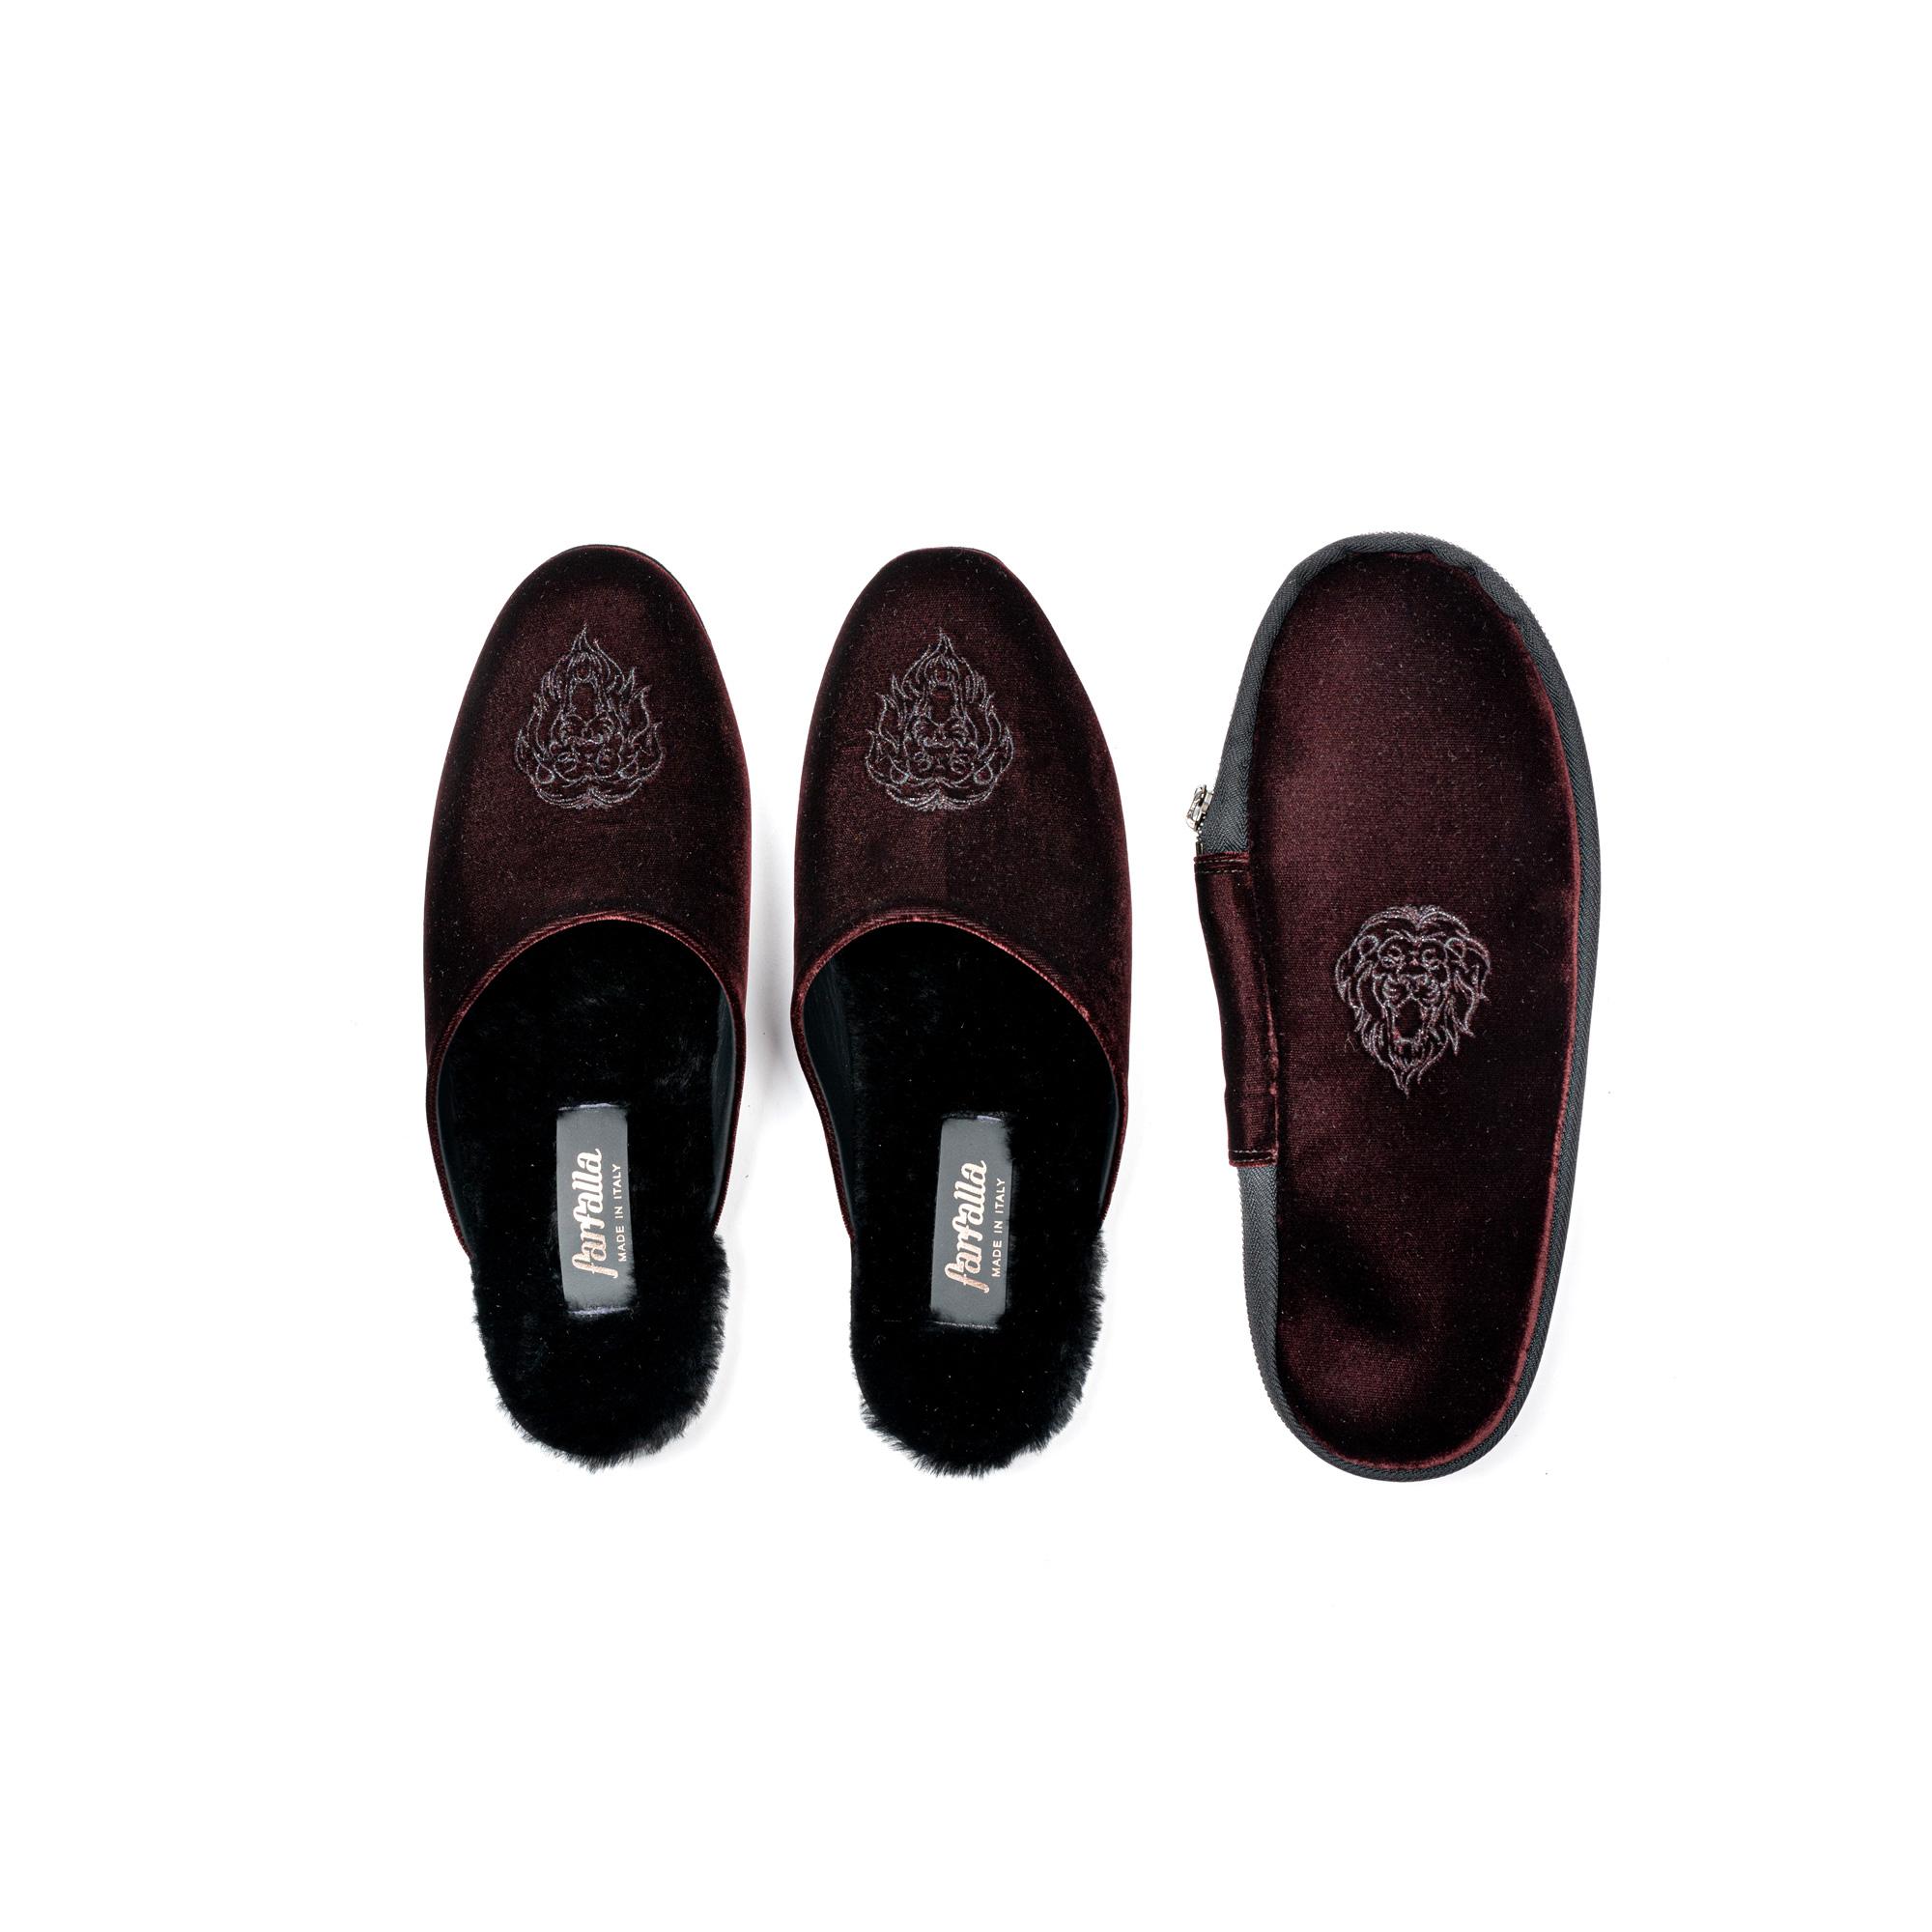 Indoor travelling slipper in velvet - Farfalla italian slippers